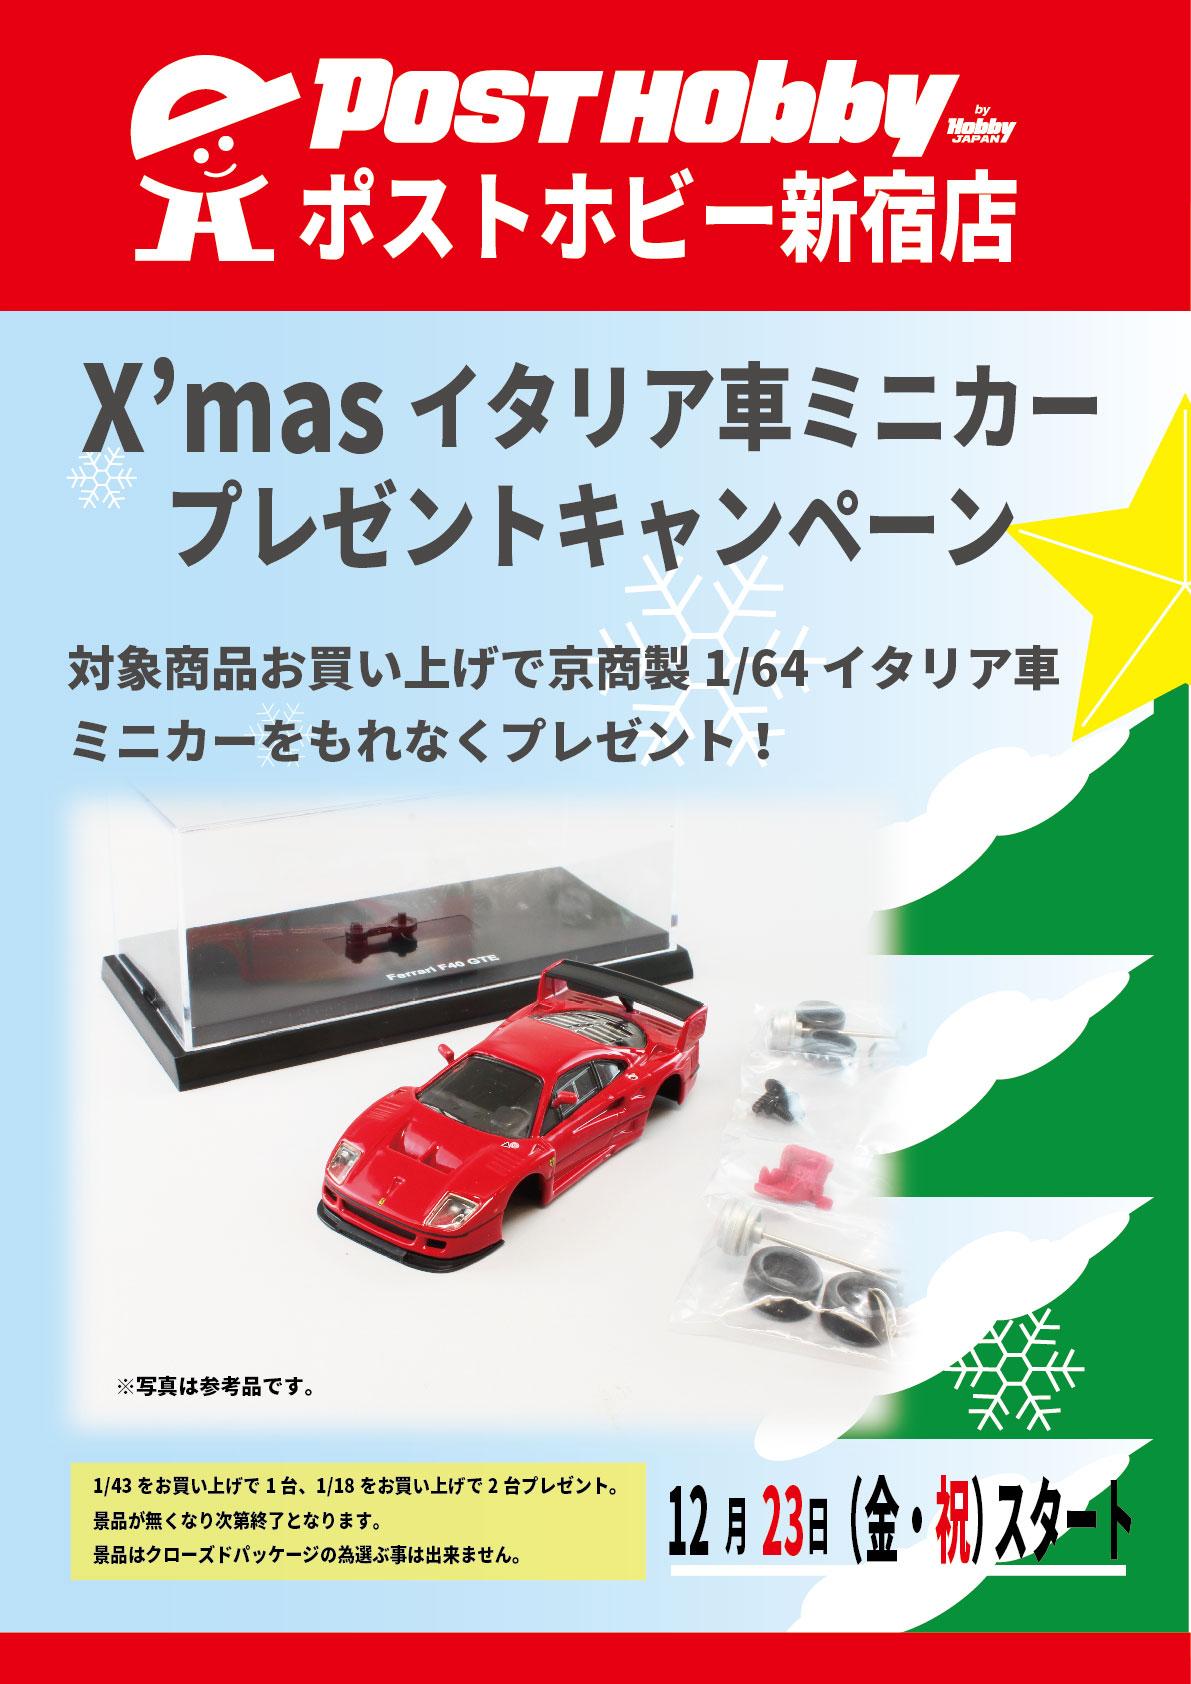 X\'mas プレゼントでミニカー差し上げます_f0372507_17594550.jpg